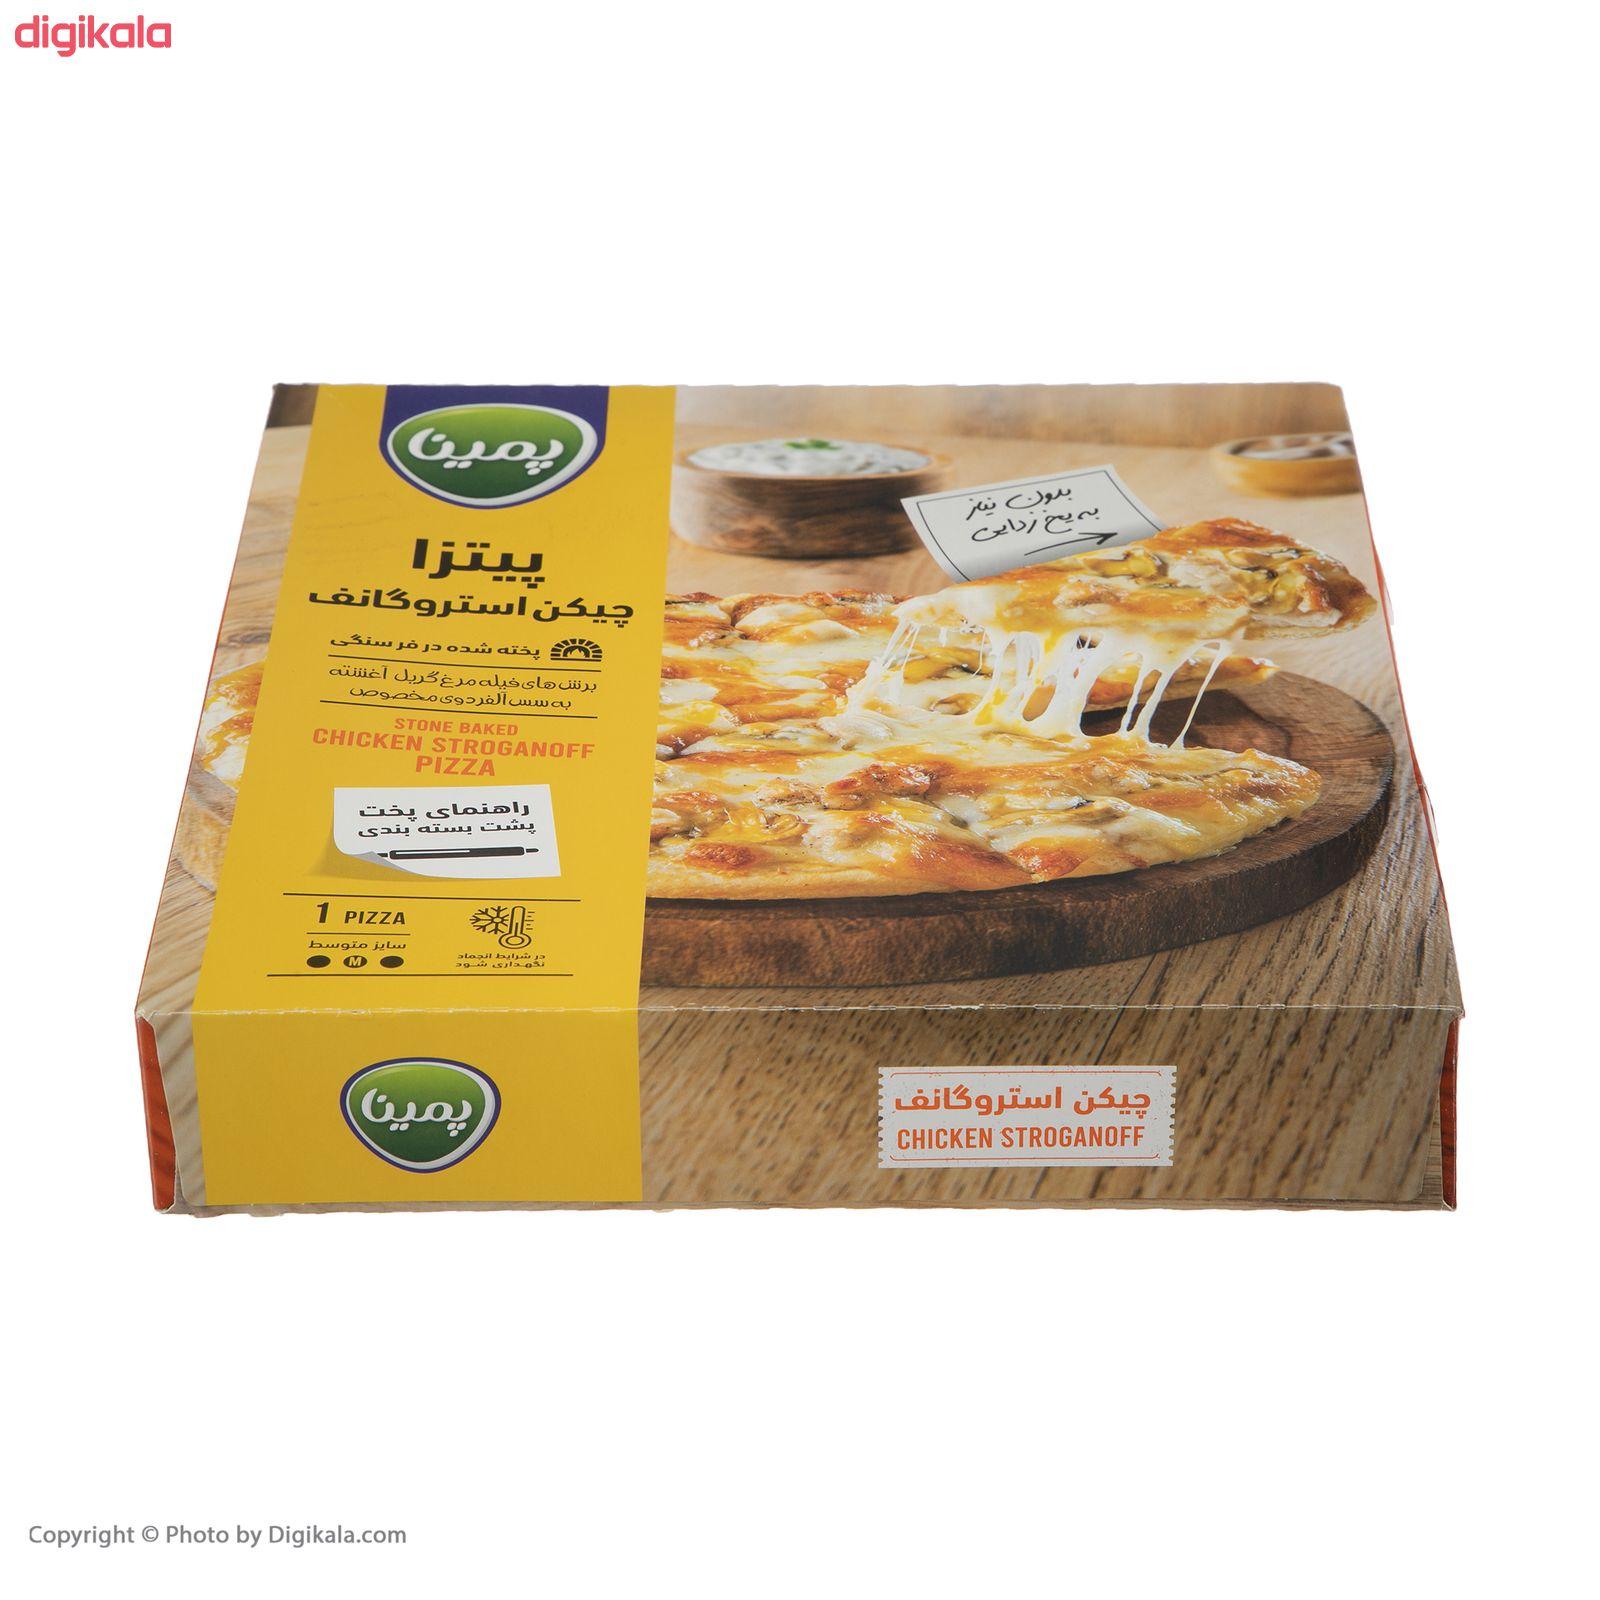 پیتزا چیکن استروگانف پمینا کاله مقدار 450 گرم main 1 3